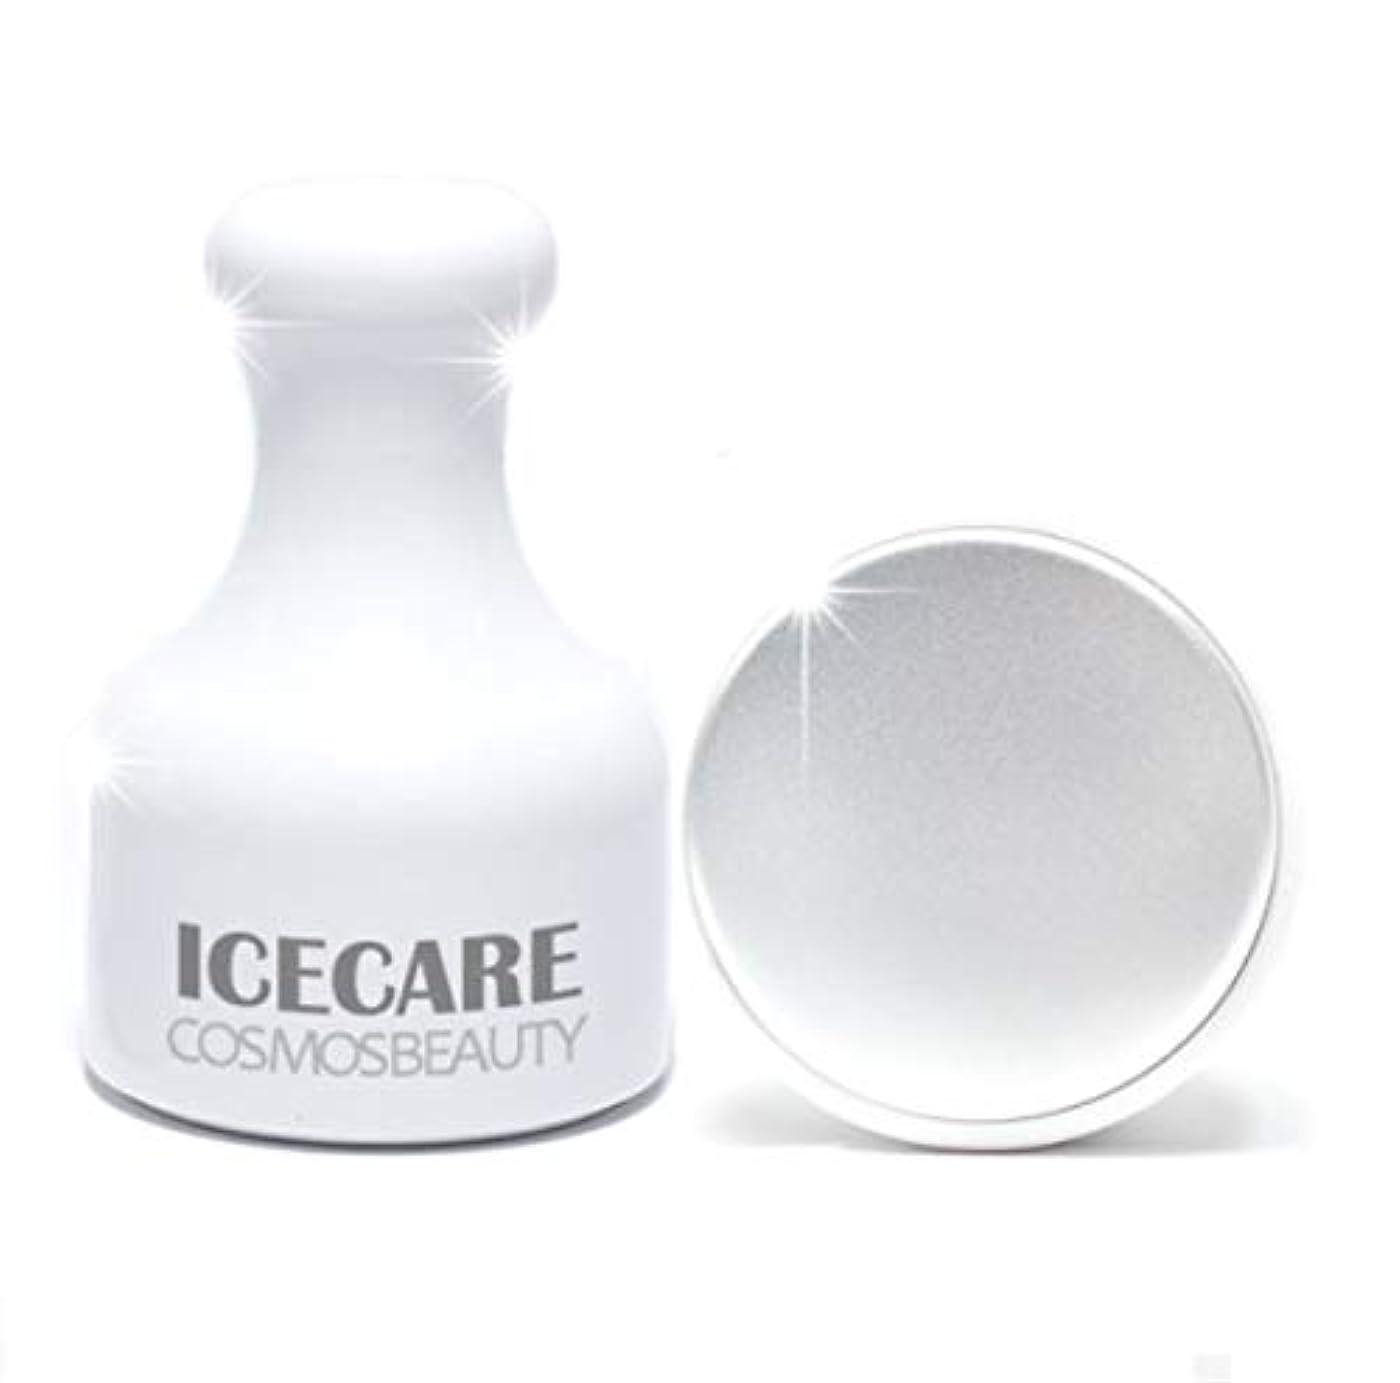 職業素晴らしさのれんCosmosbeauty Ice Care 毛穴ケア、冷マッサージ,フェイスクーラーアイスローラーフェイスローラー顔マッサージ機構の腫れ抜き方法毛穴縮小(海外直送品)